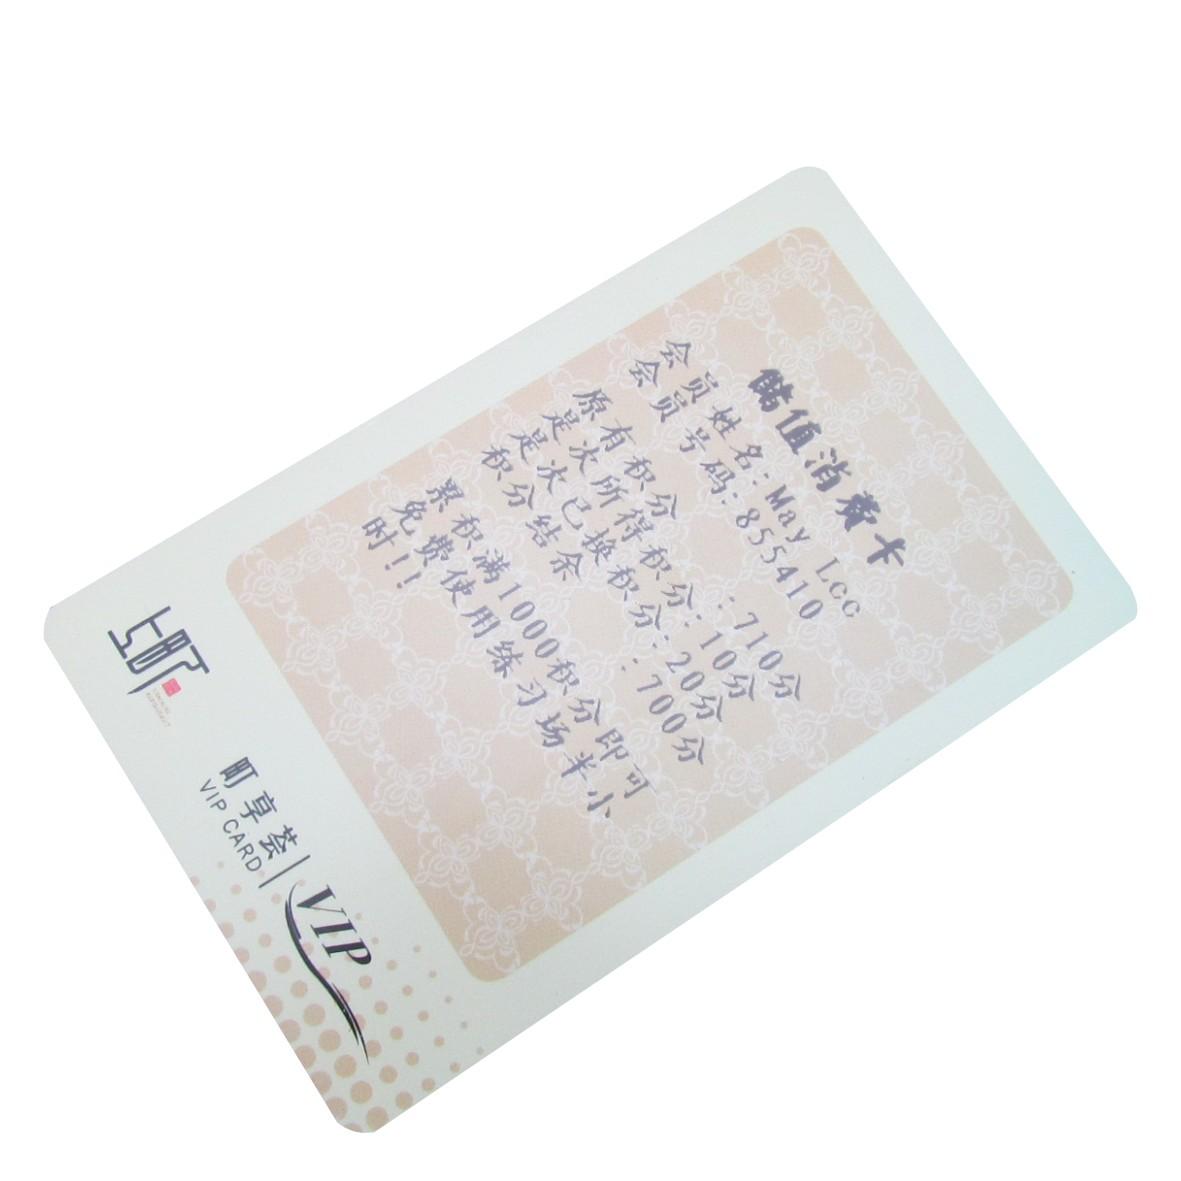 深翼荣大斯达STAR可视卡会员卡打印机可反复擦写打印机热敏复写卡打印机会员管理系统会员卡管理系统 一体机